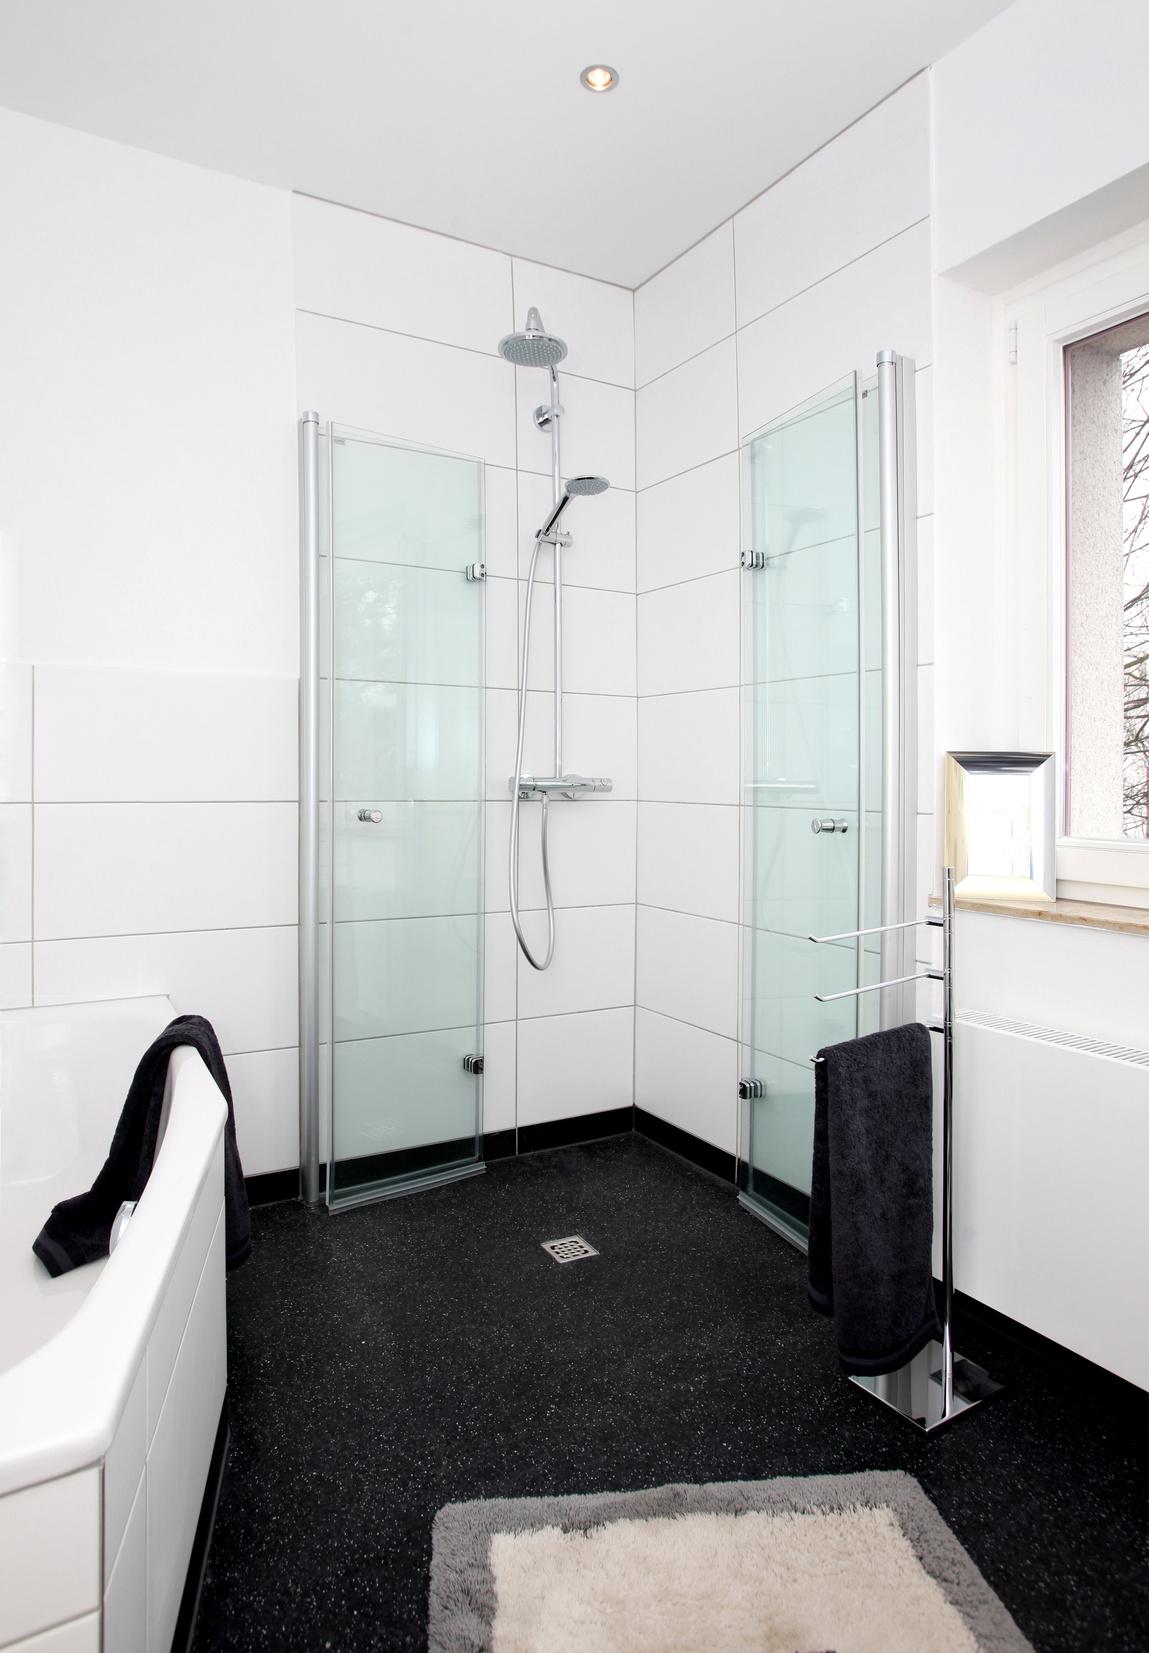 barrierefreie b der f r alle generationen planung und einrichtung sonnenberg w rmetechnik. Black Bedroom Furniture Sets. Home Design Ideas